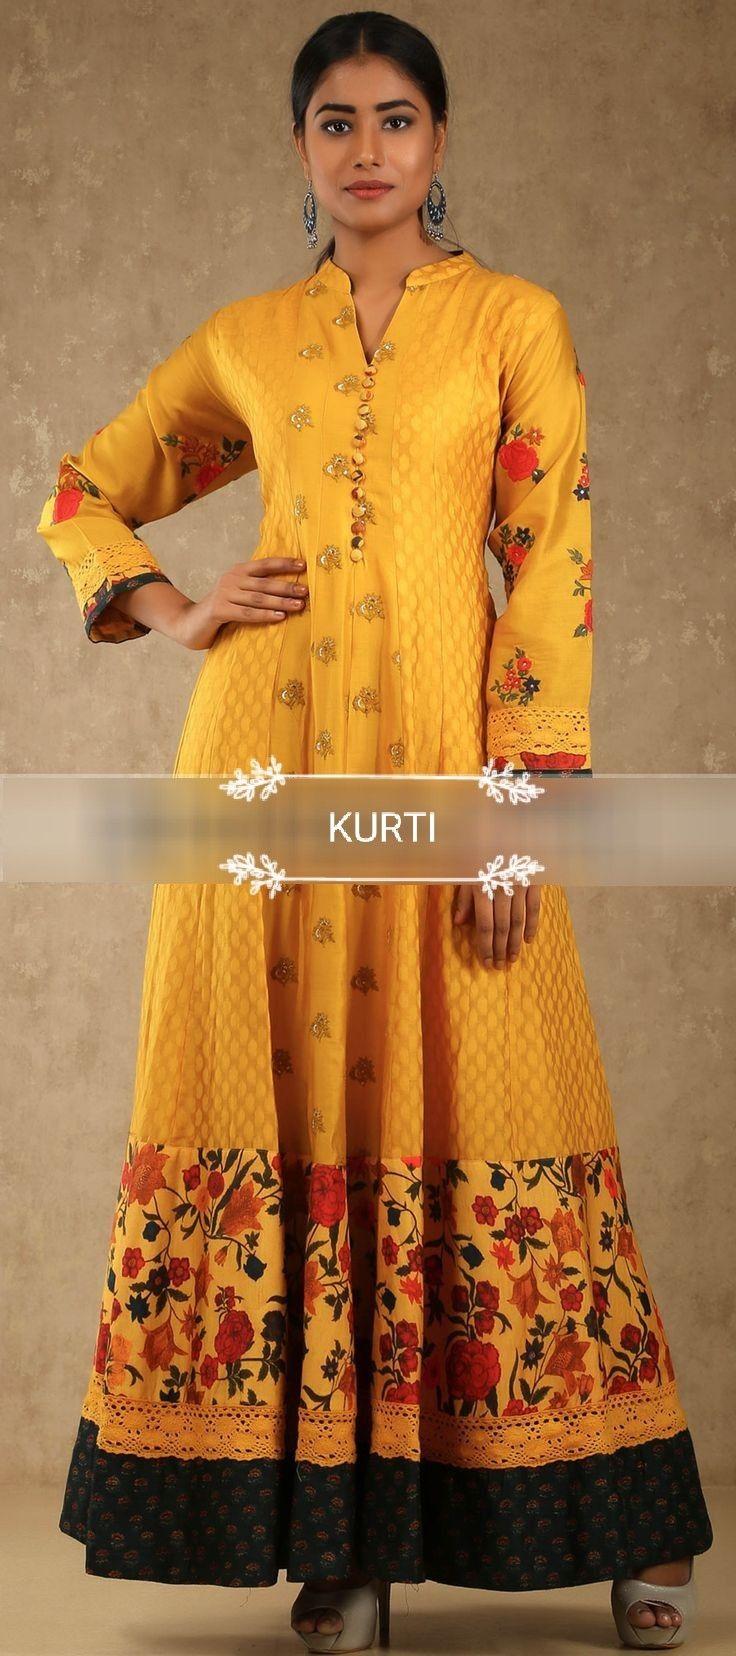 Muslin long kurti dress with great detailing and matching أزياء